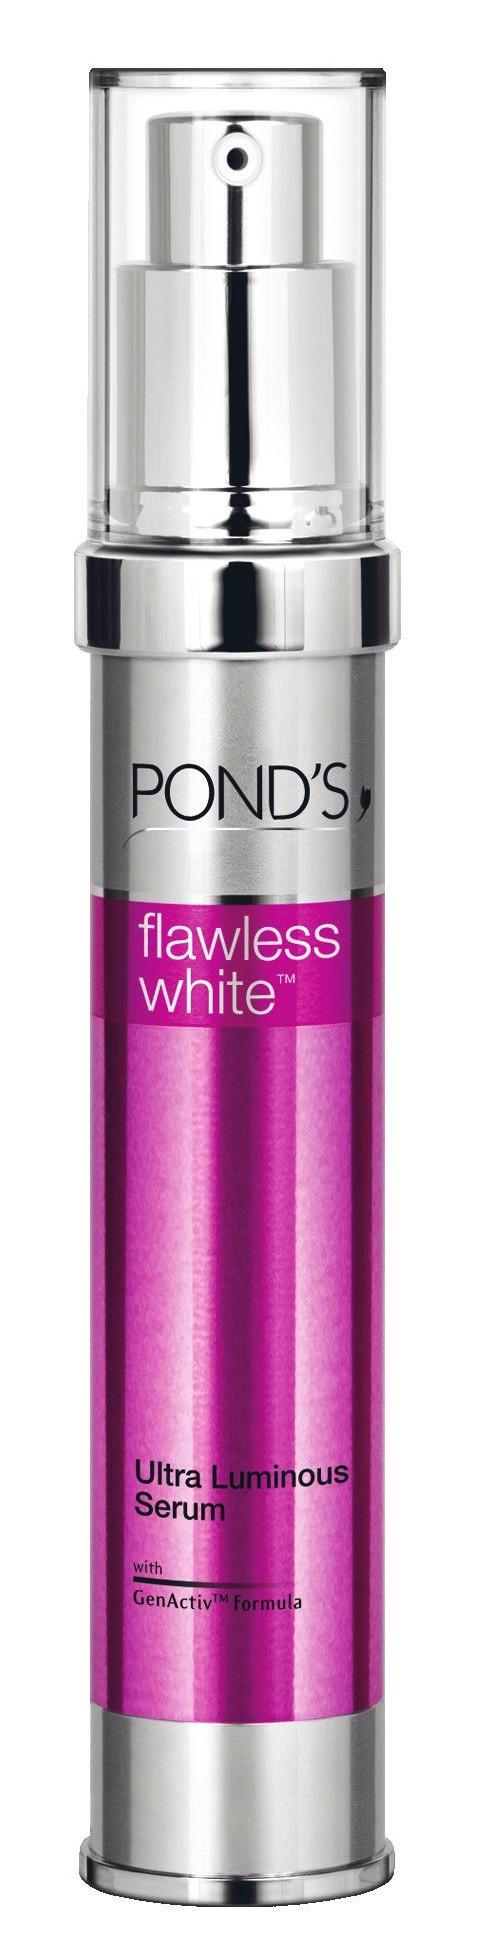 Tinh chất dưỡng trắng da cao cấp POND'S FLAW LESS WHITE